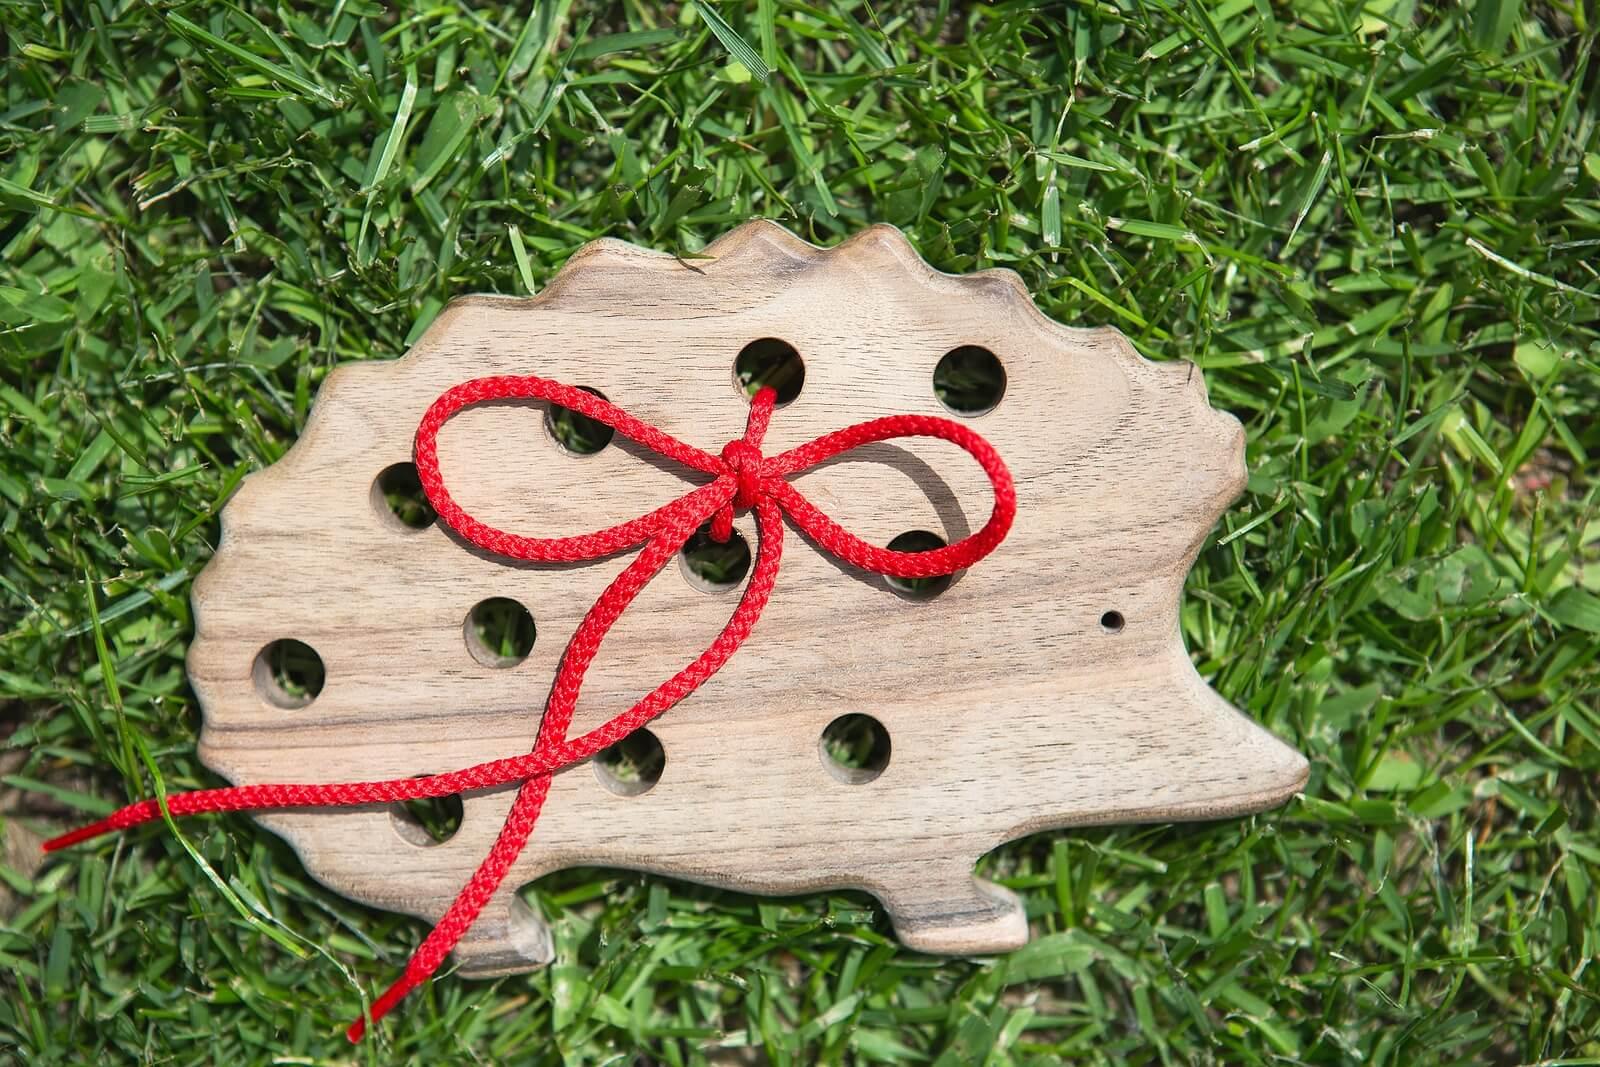 Erizo de juguete, uno de los regalos Montessori.